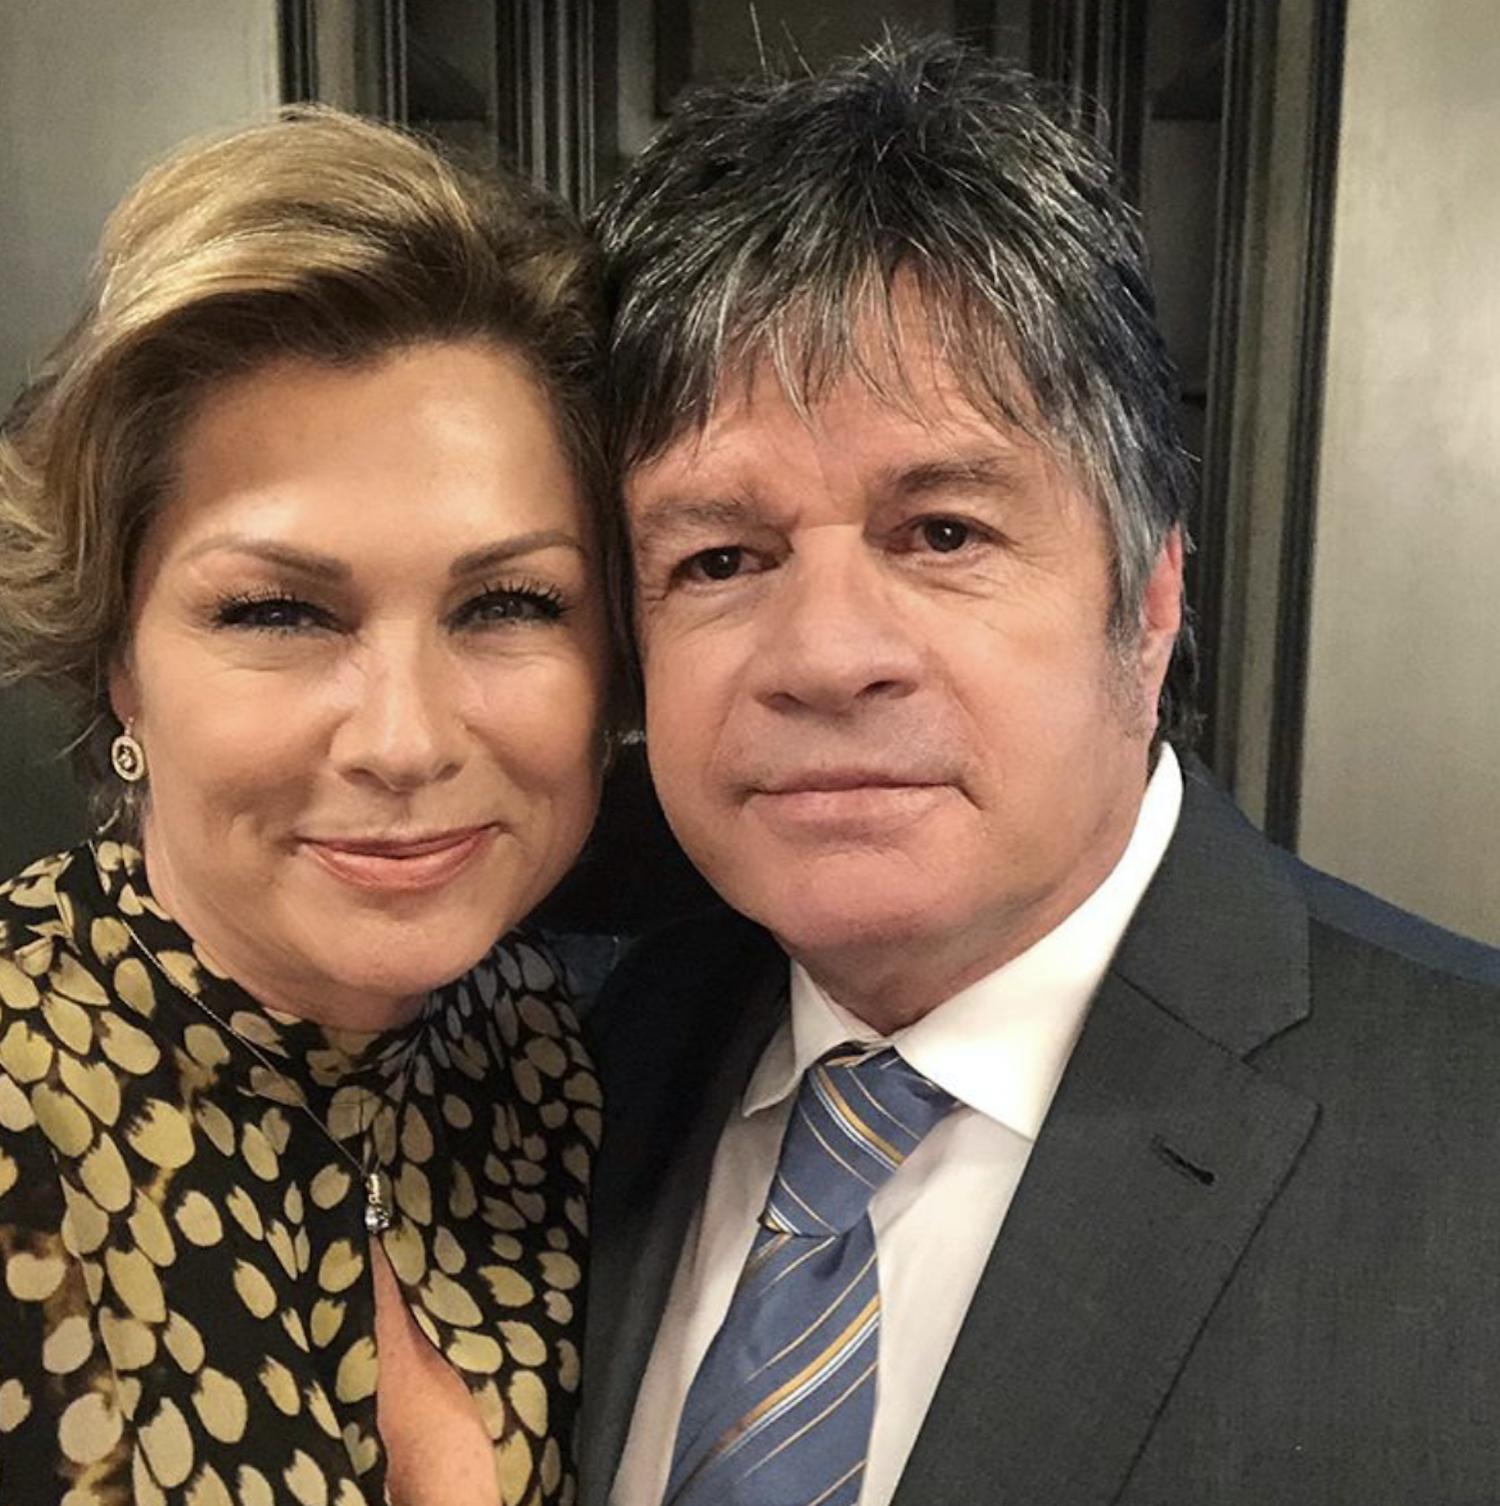 Leticia Calderón y Alejandro Camacho